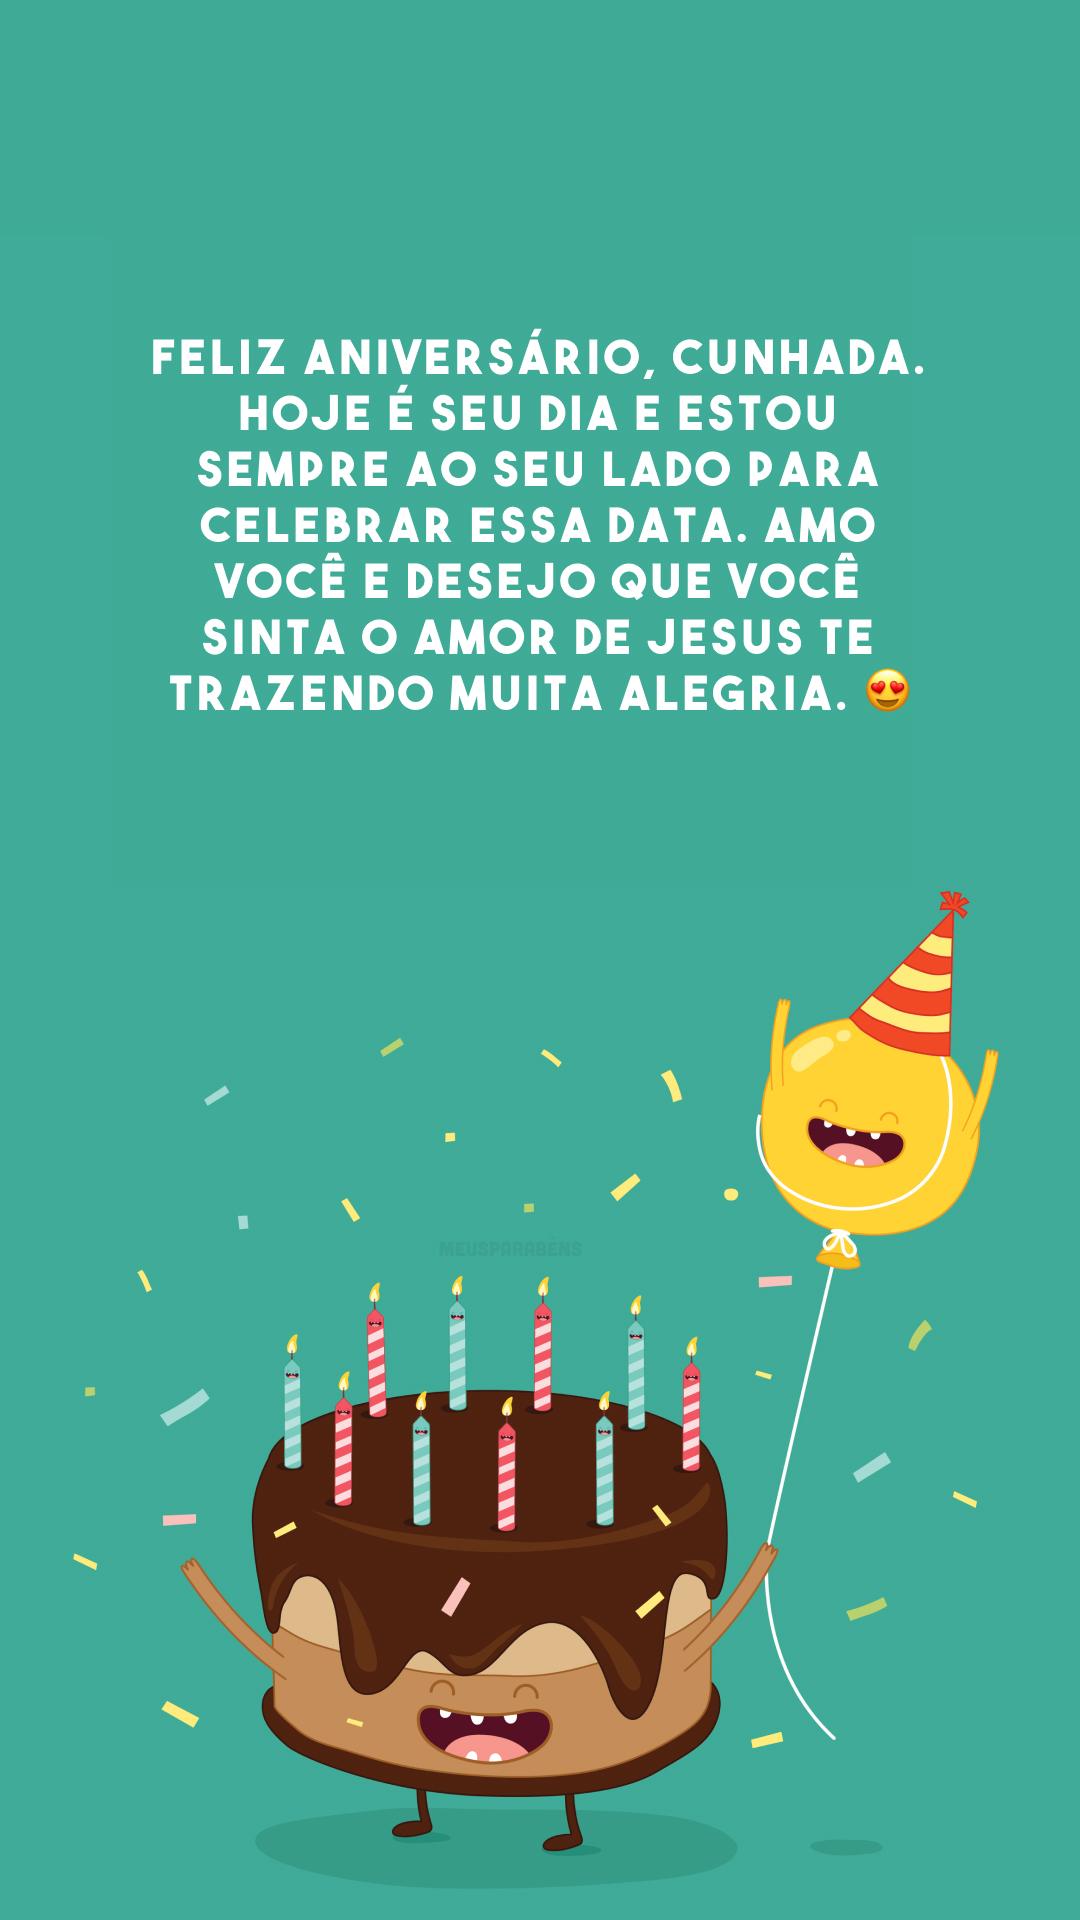 Feliz aniversário, cunhada. Hoje é seu dia e estou sempre ao seu lado para celebrar essa data. Amo você e desejo que você sinta o amor de Jesus te trazendo muita alegria. 😍